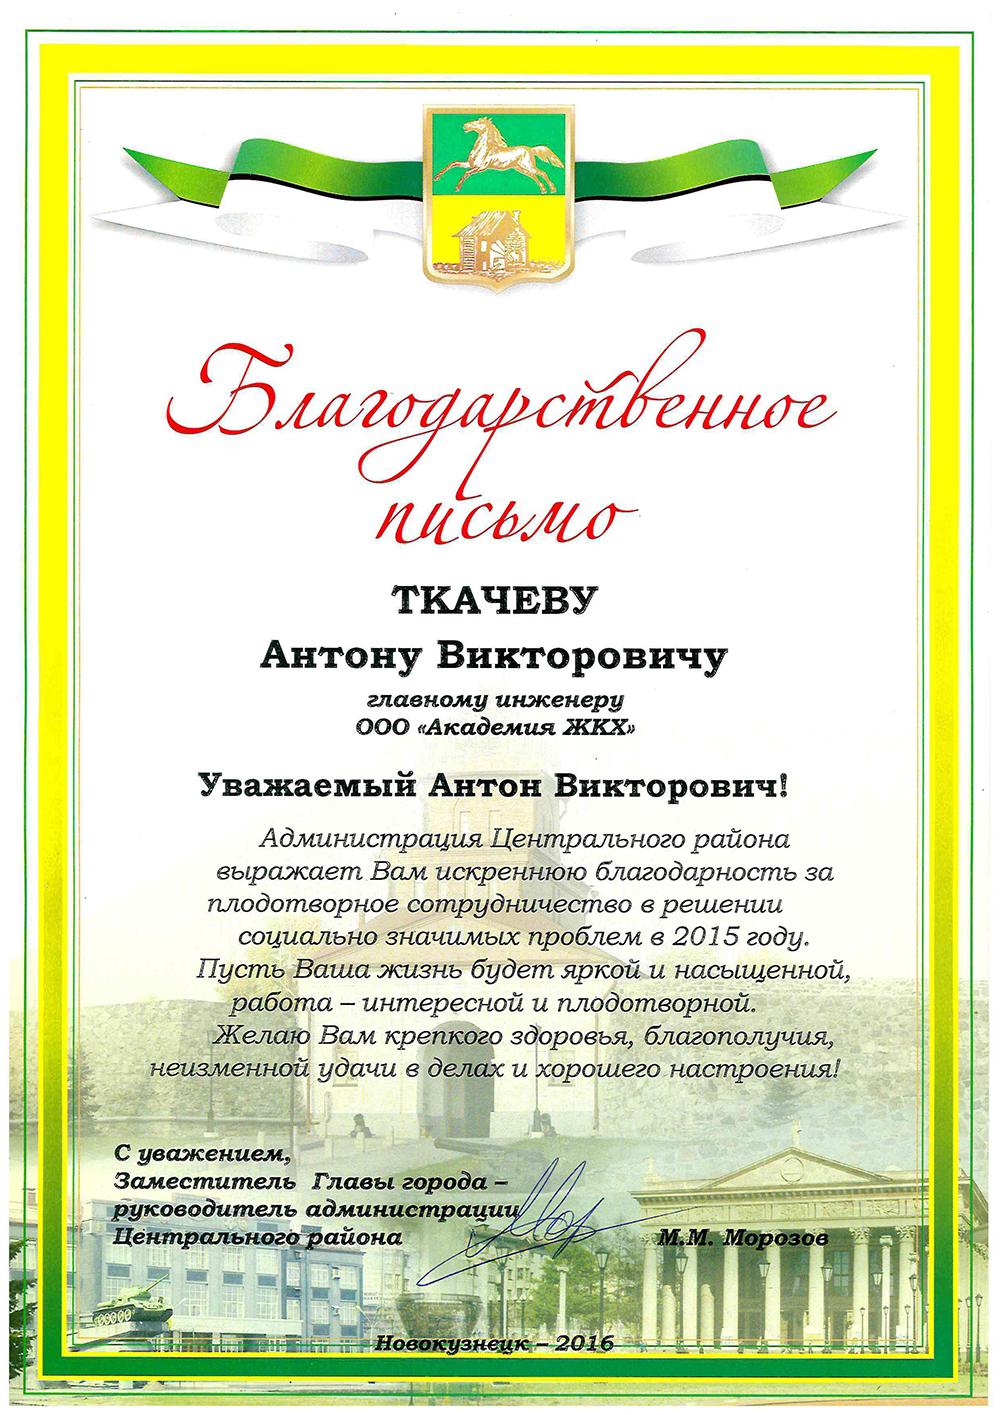 Благодарственное письмо Ткачеву